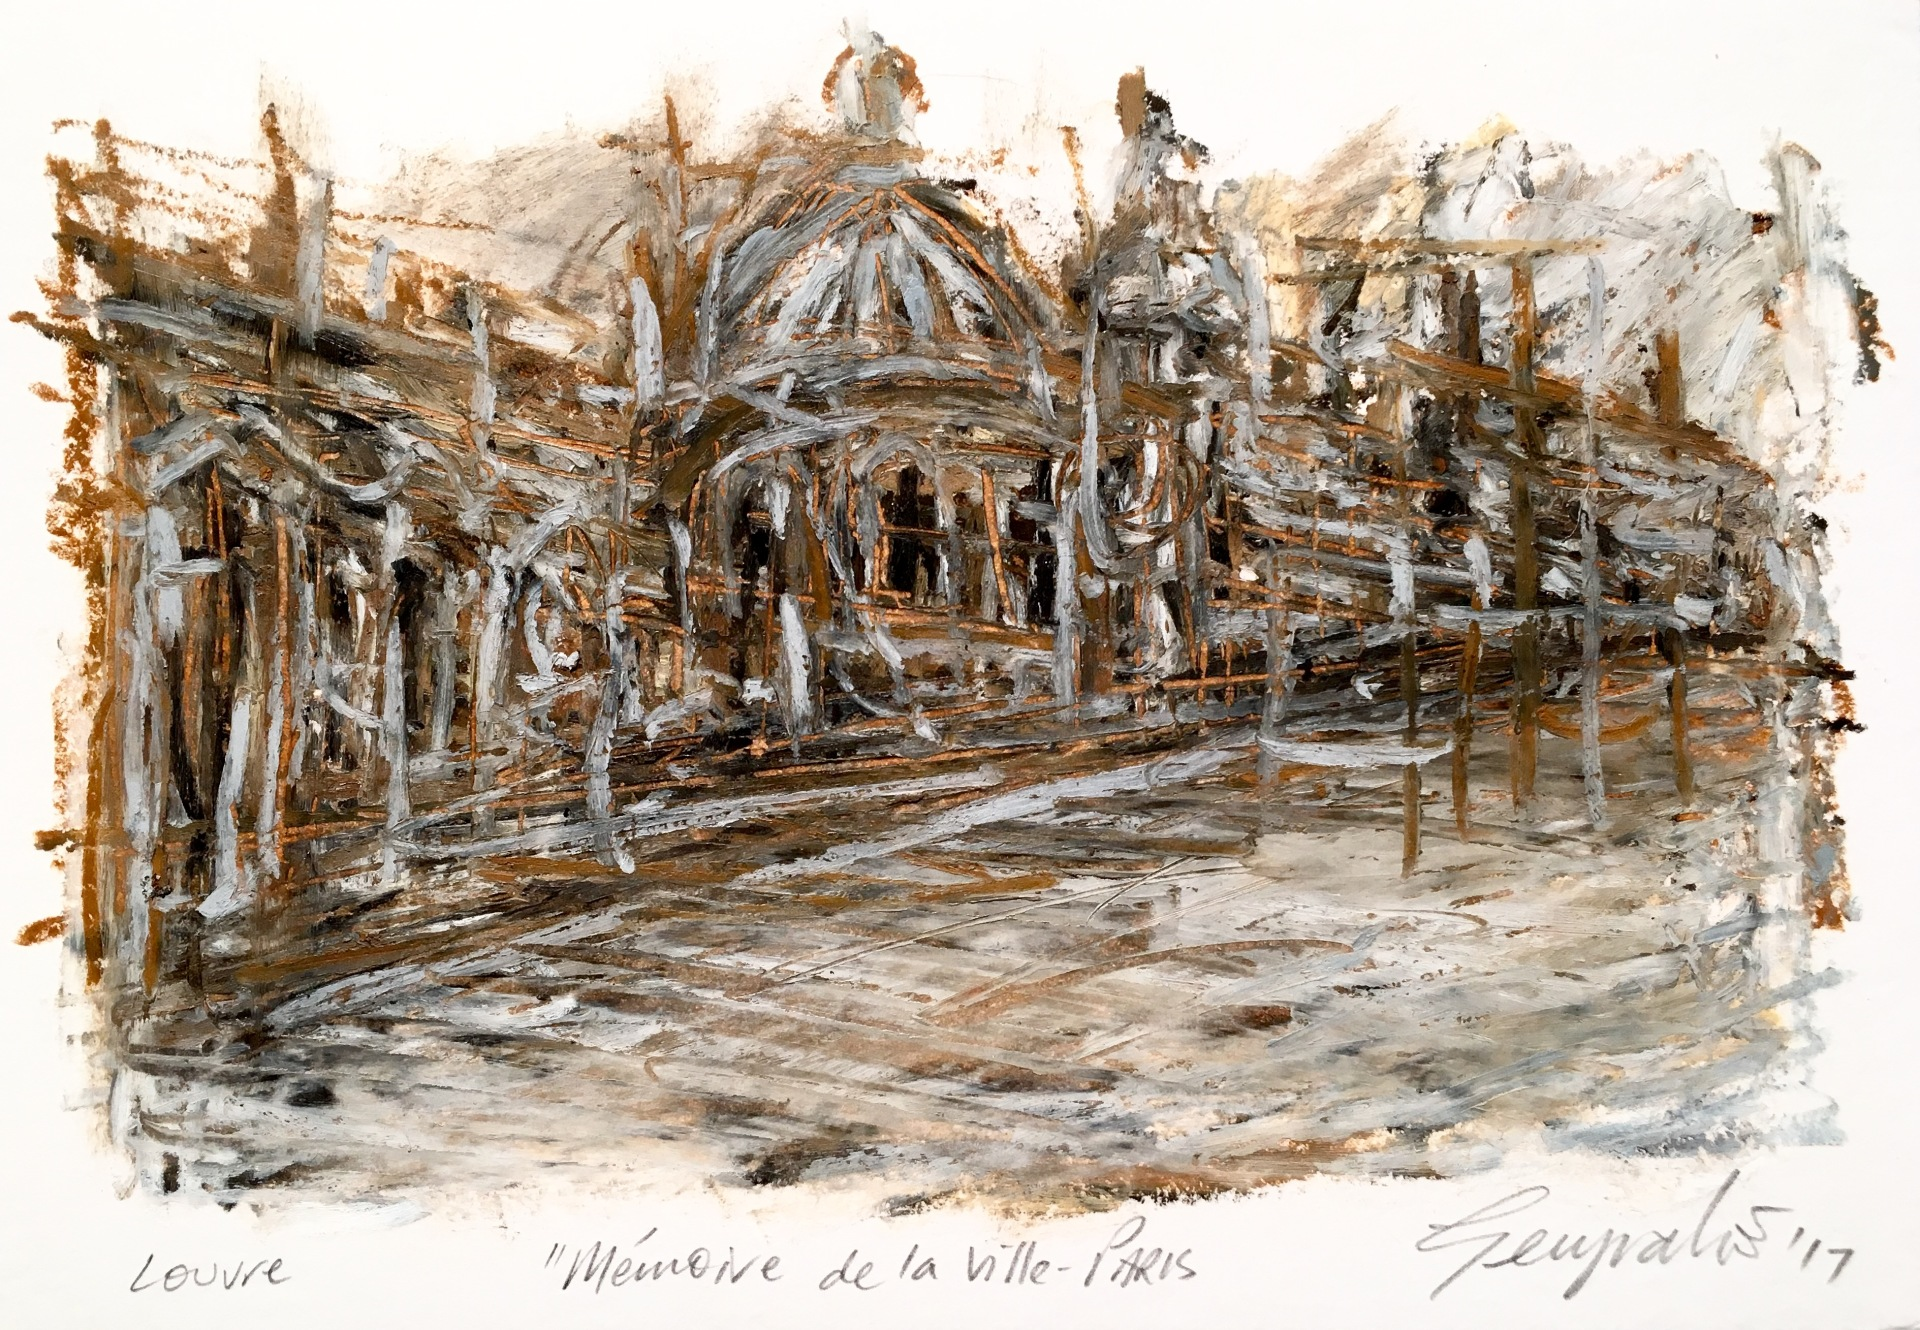 Mémoire de la Ville Paris Louvre